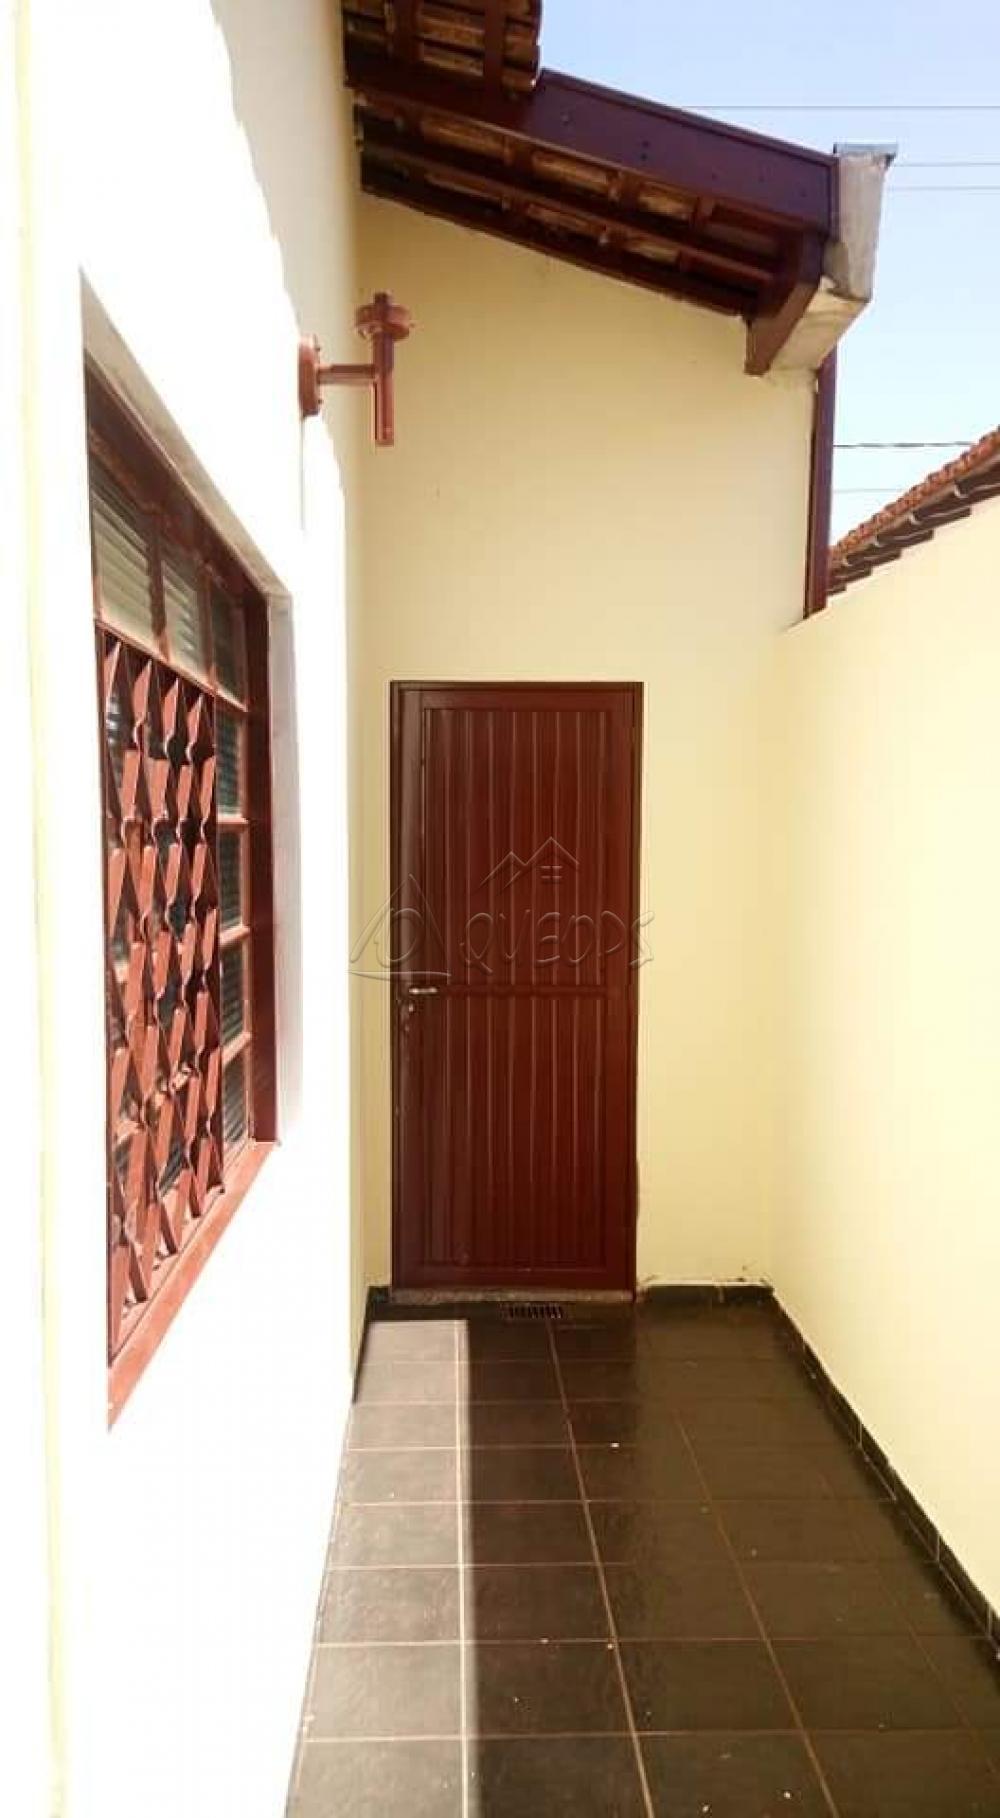 Comprar Casa / Padrão em Barretos apenas R$ 320.000,00 - Foto 9